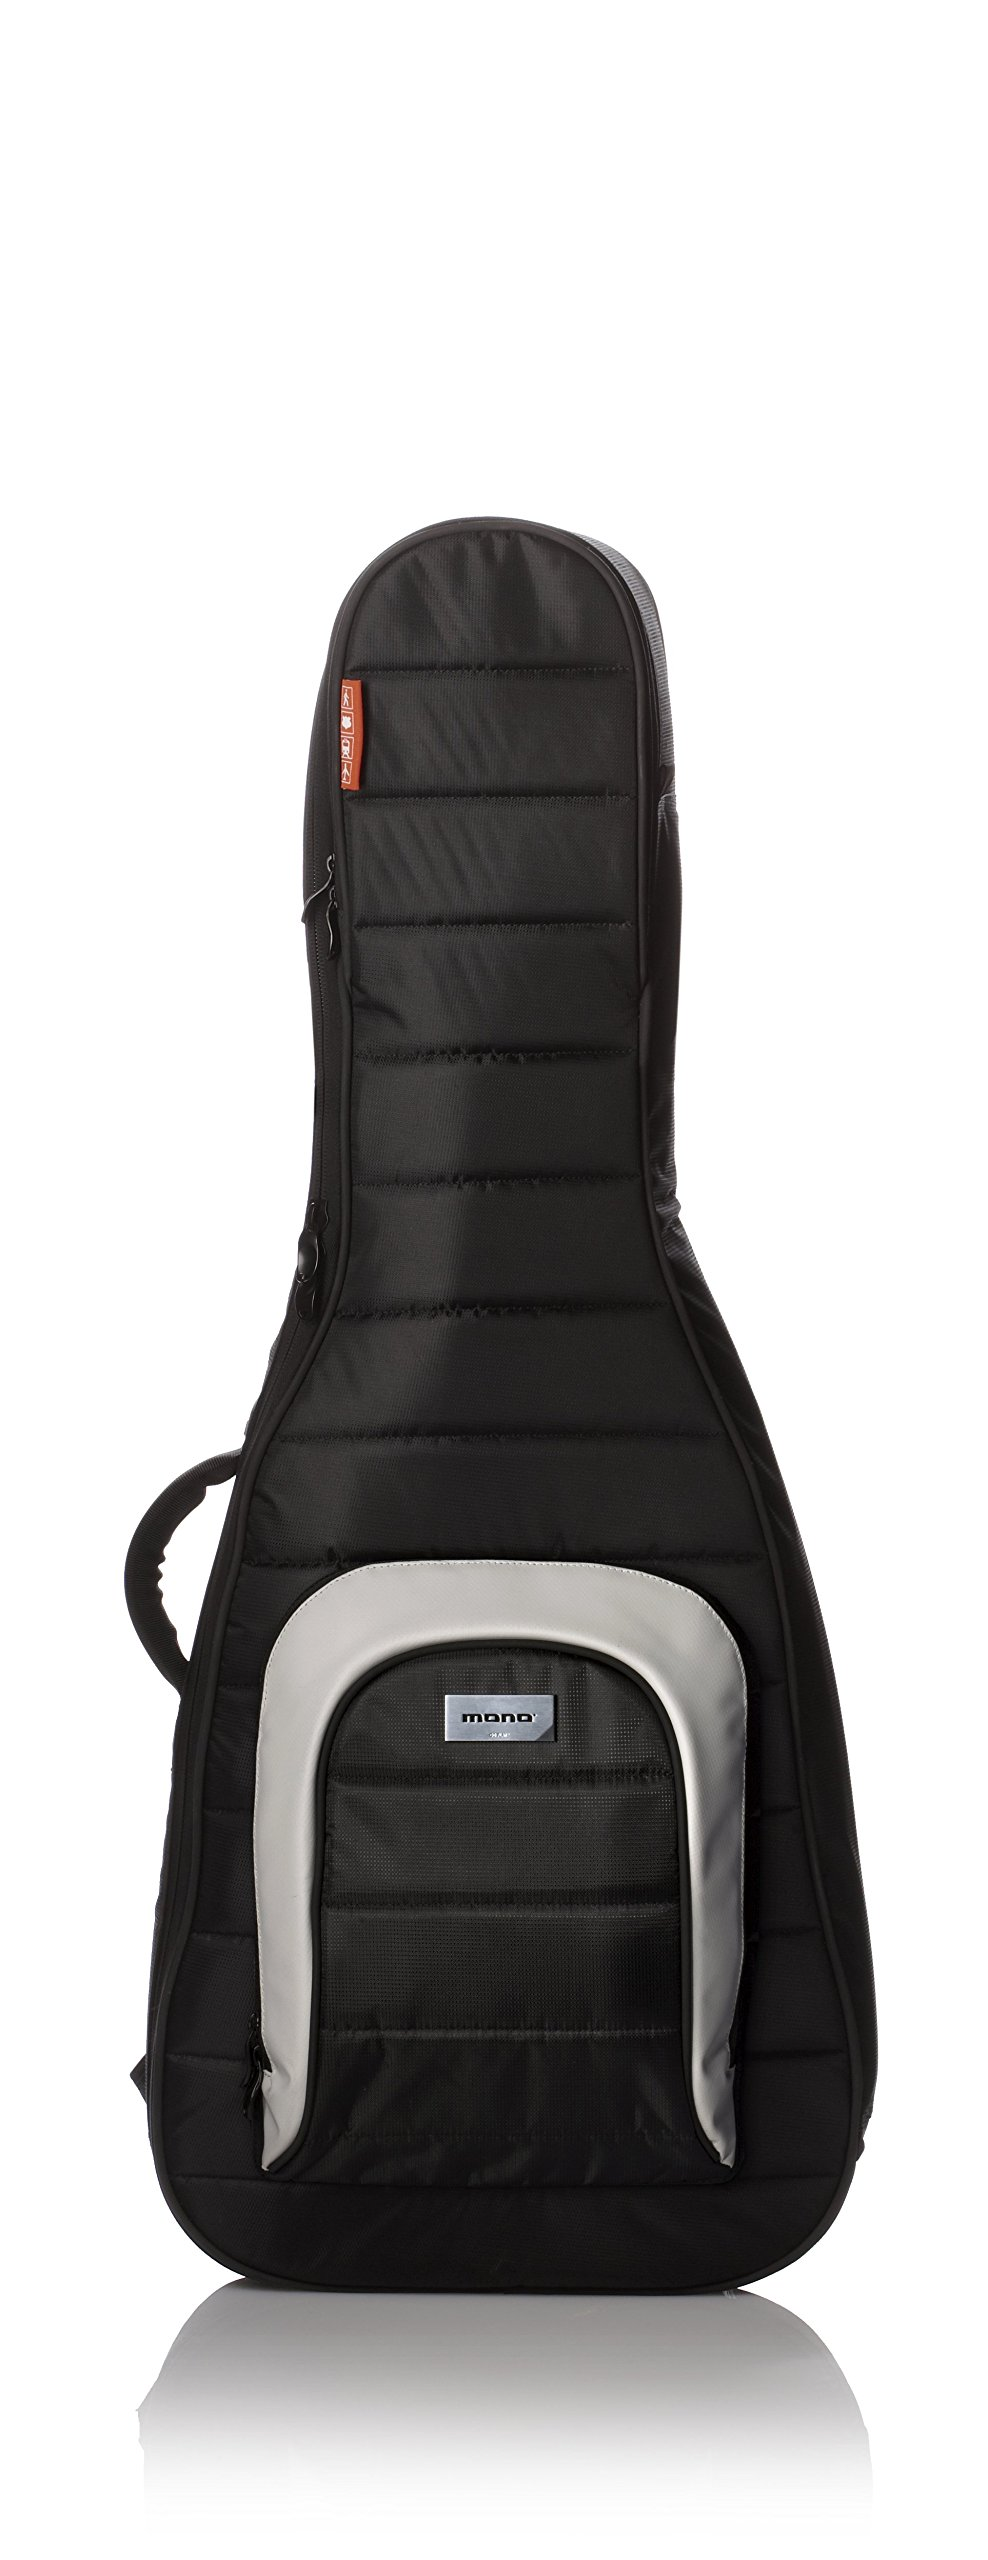 MONO M80 Acoustic Parlor Guitar Case (M80-AP-BLK) by mono